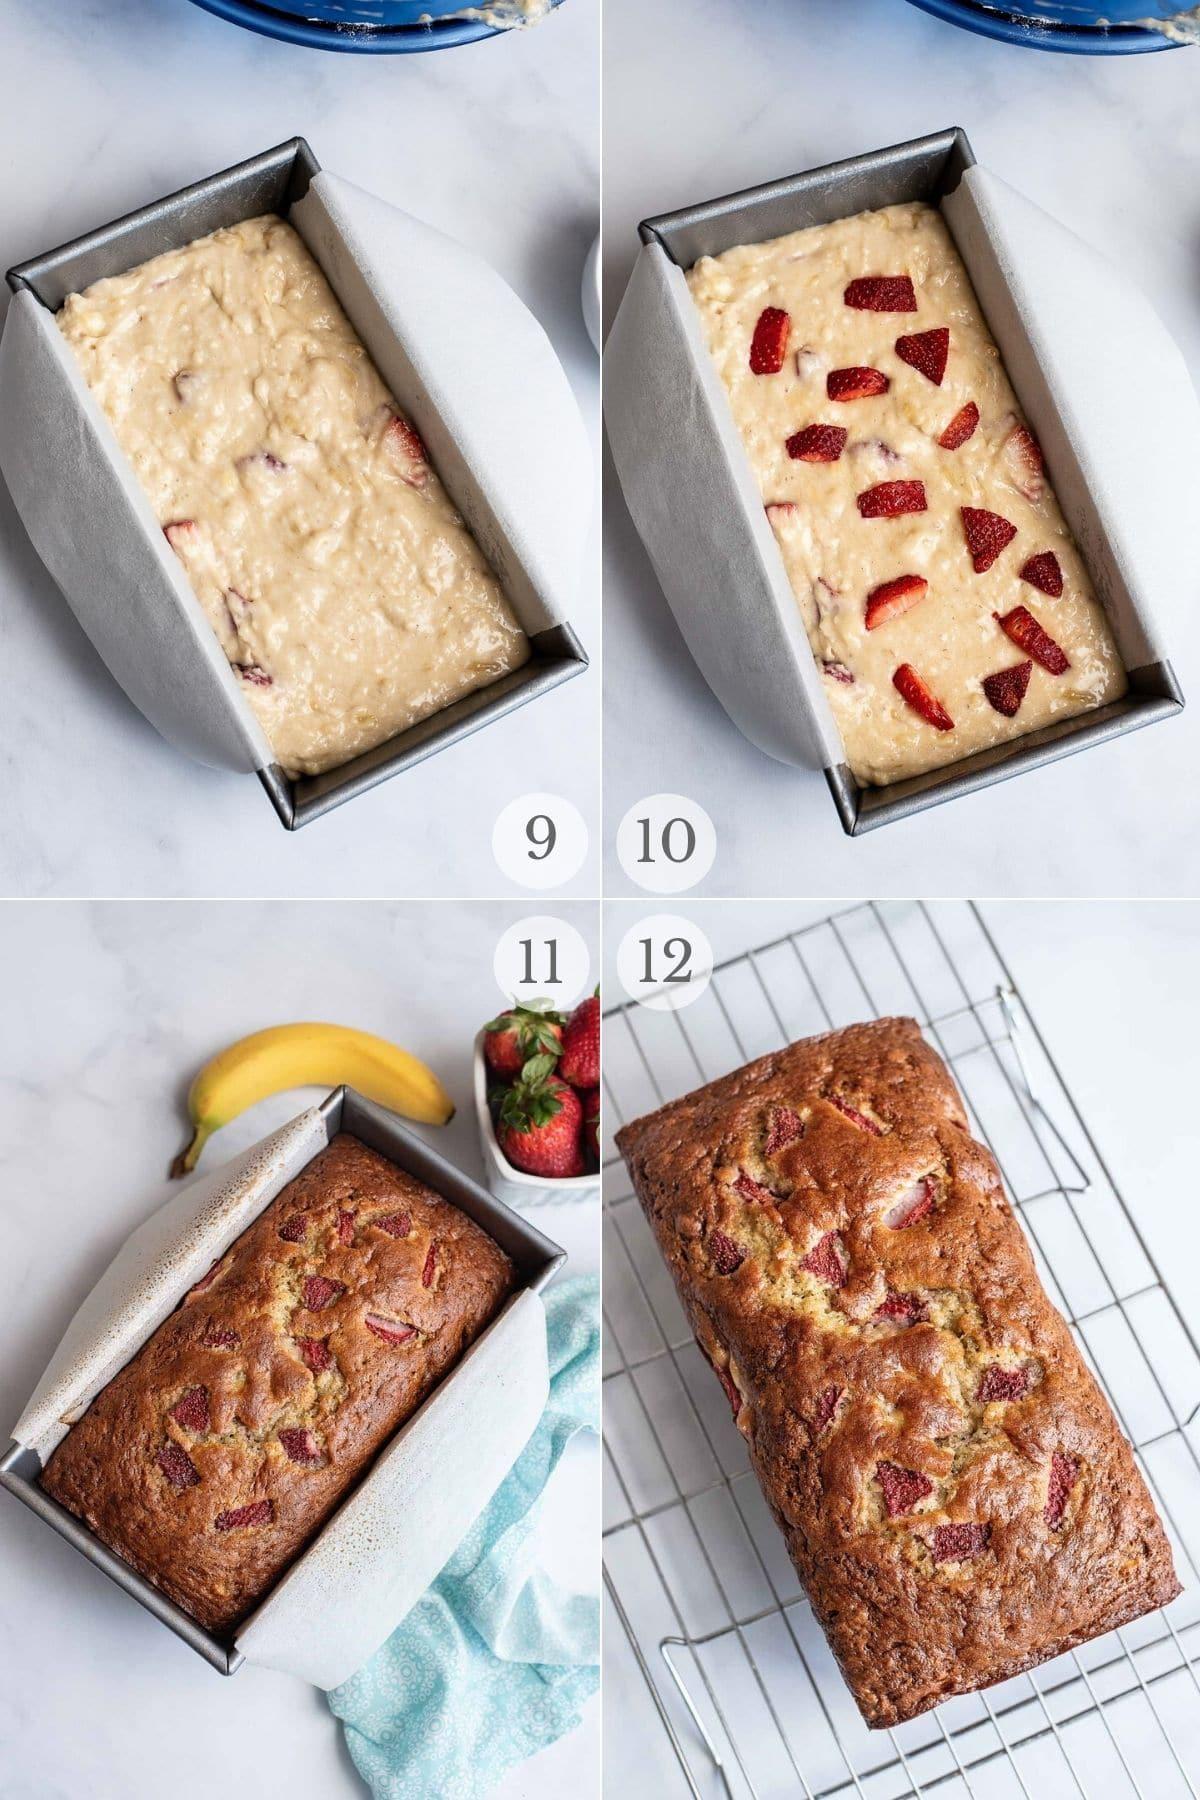 strawberry banana bread recipe steps 9-12